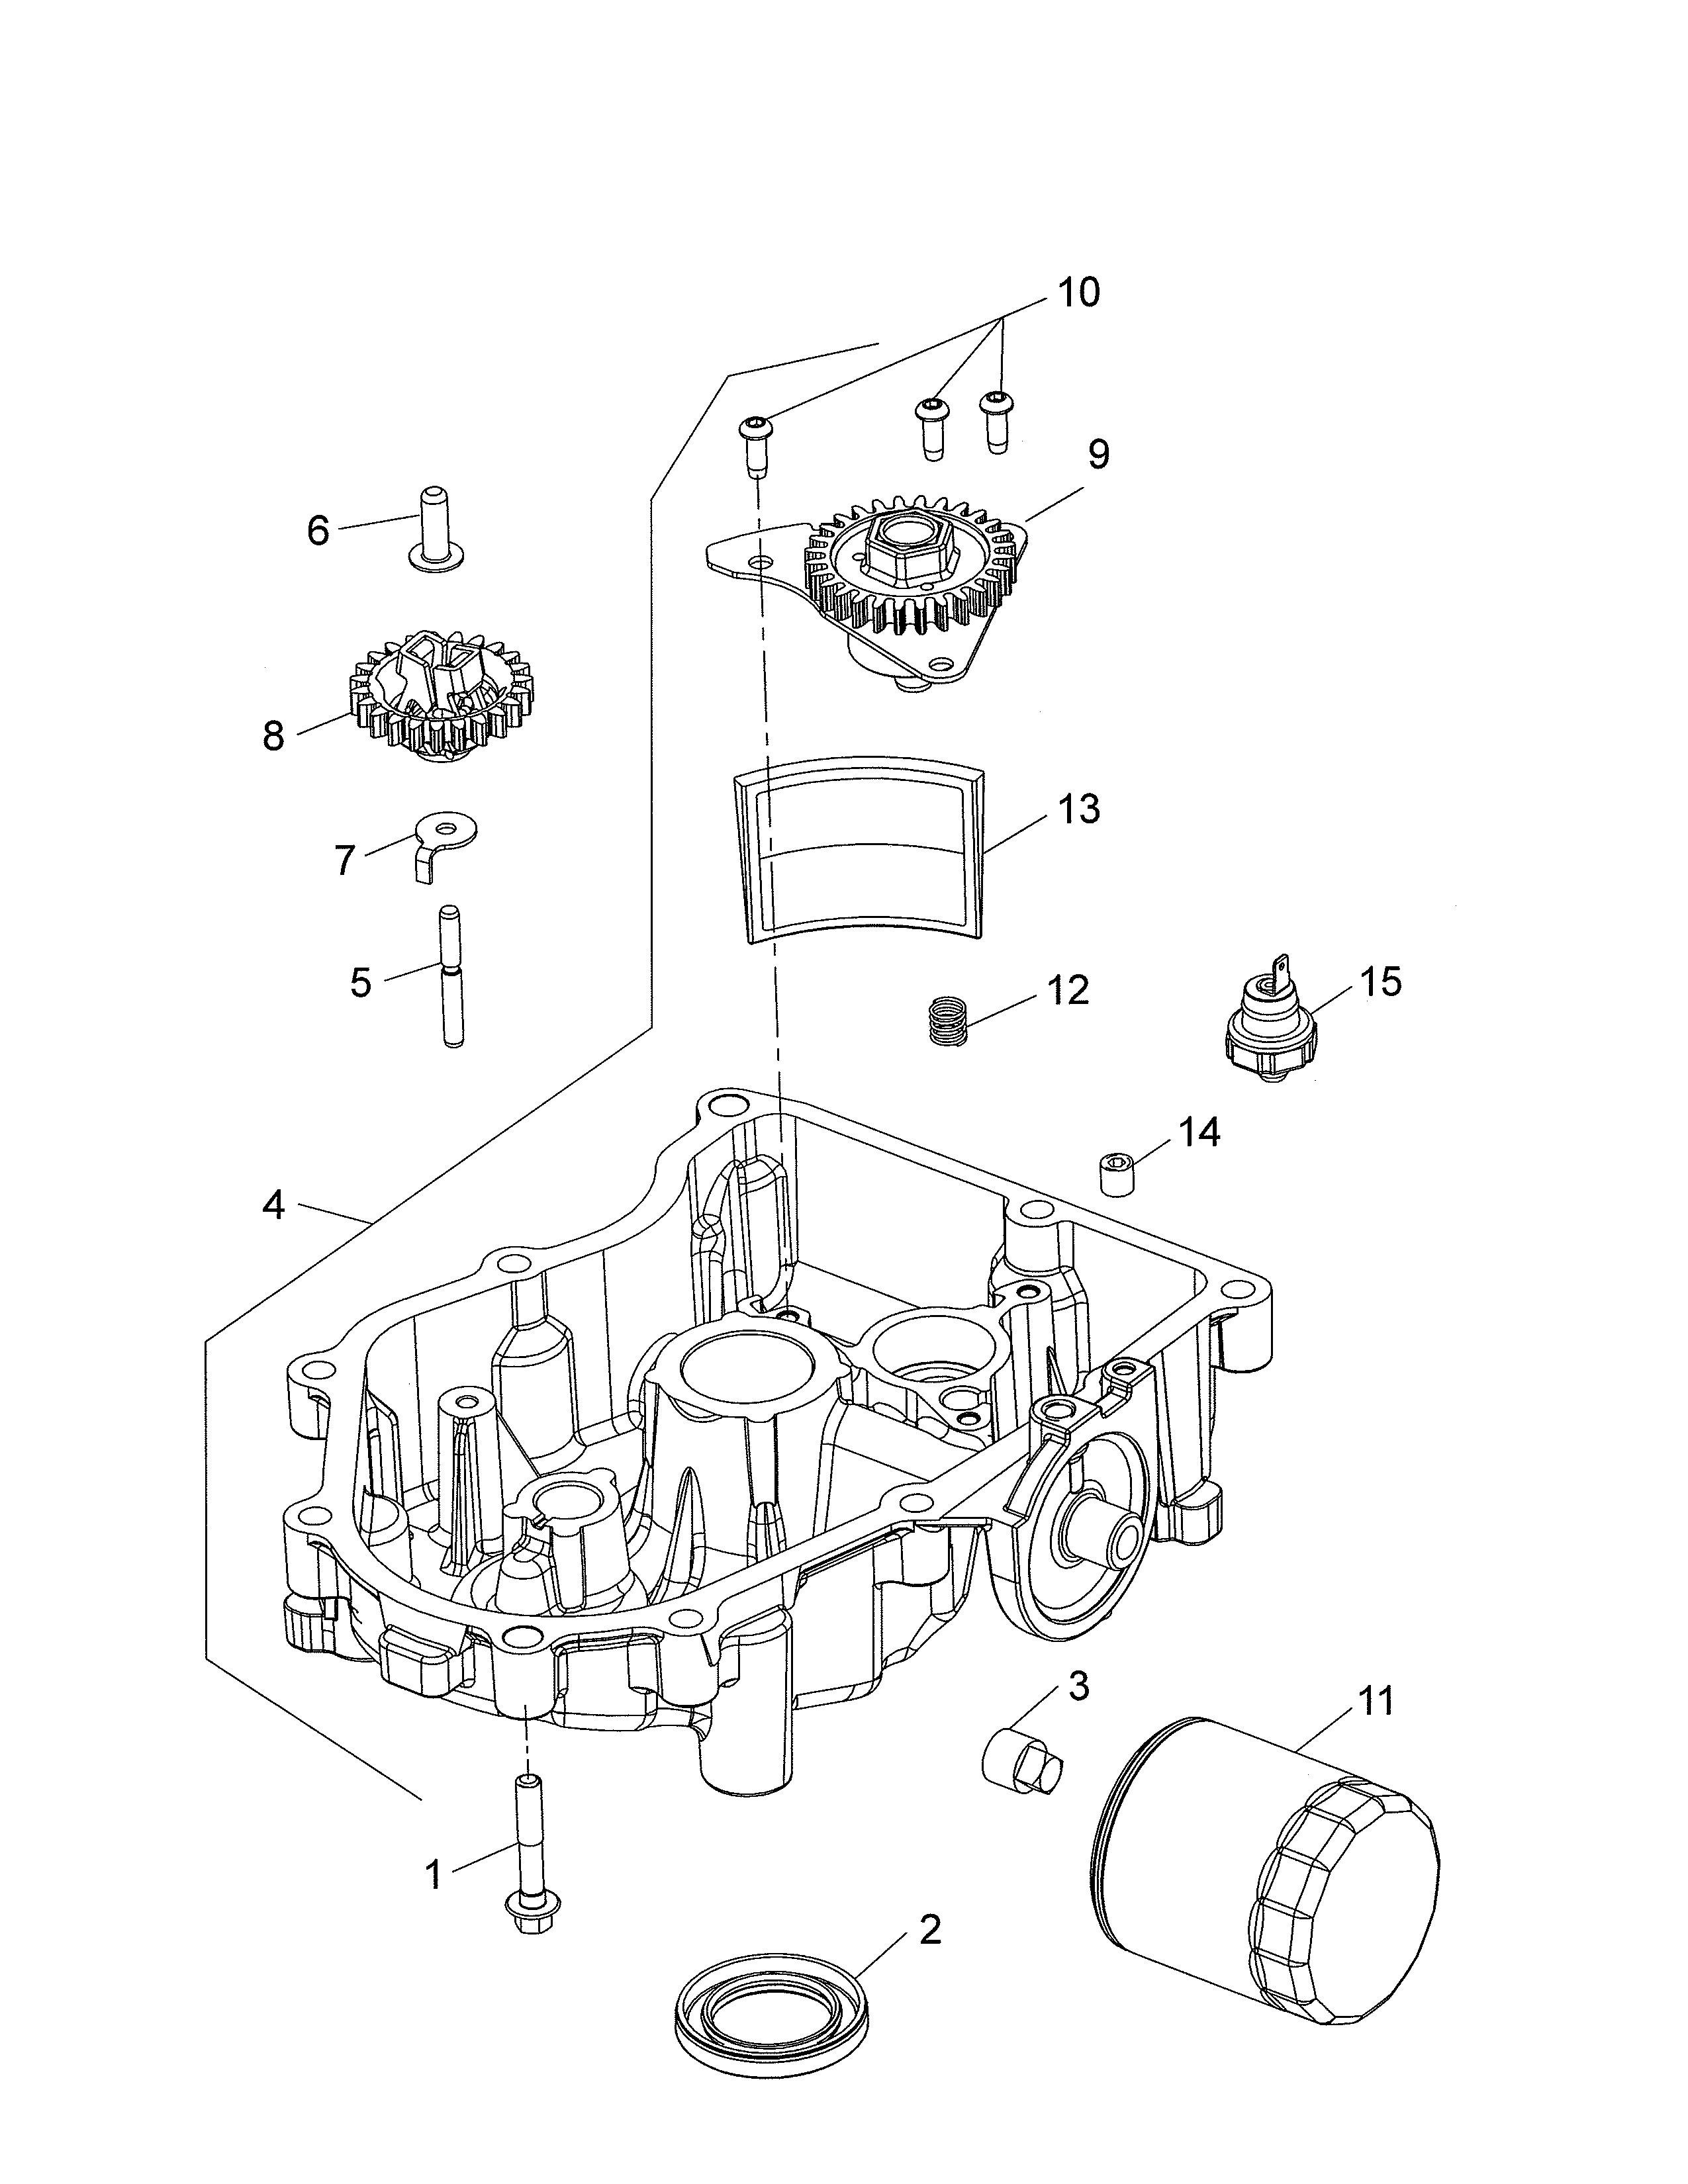 Honda Civic Engine Parts Diagram Engine Parts Diagram With